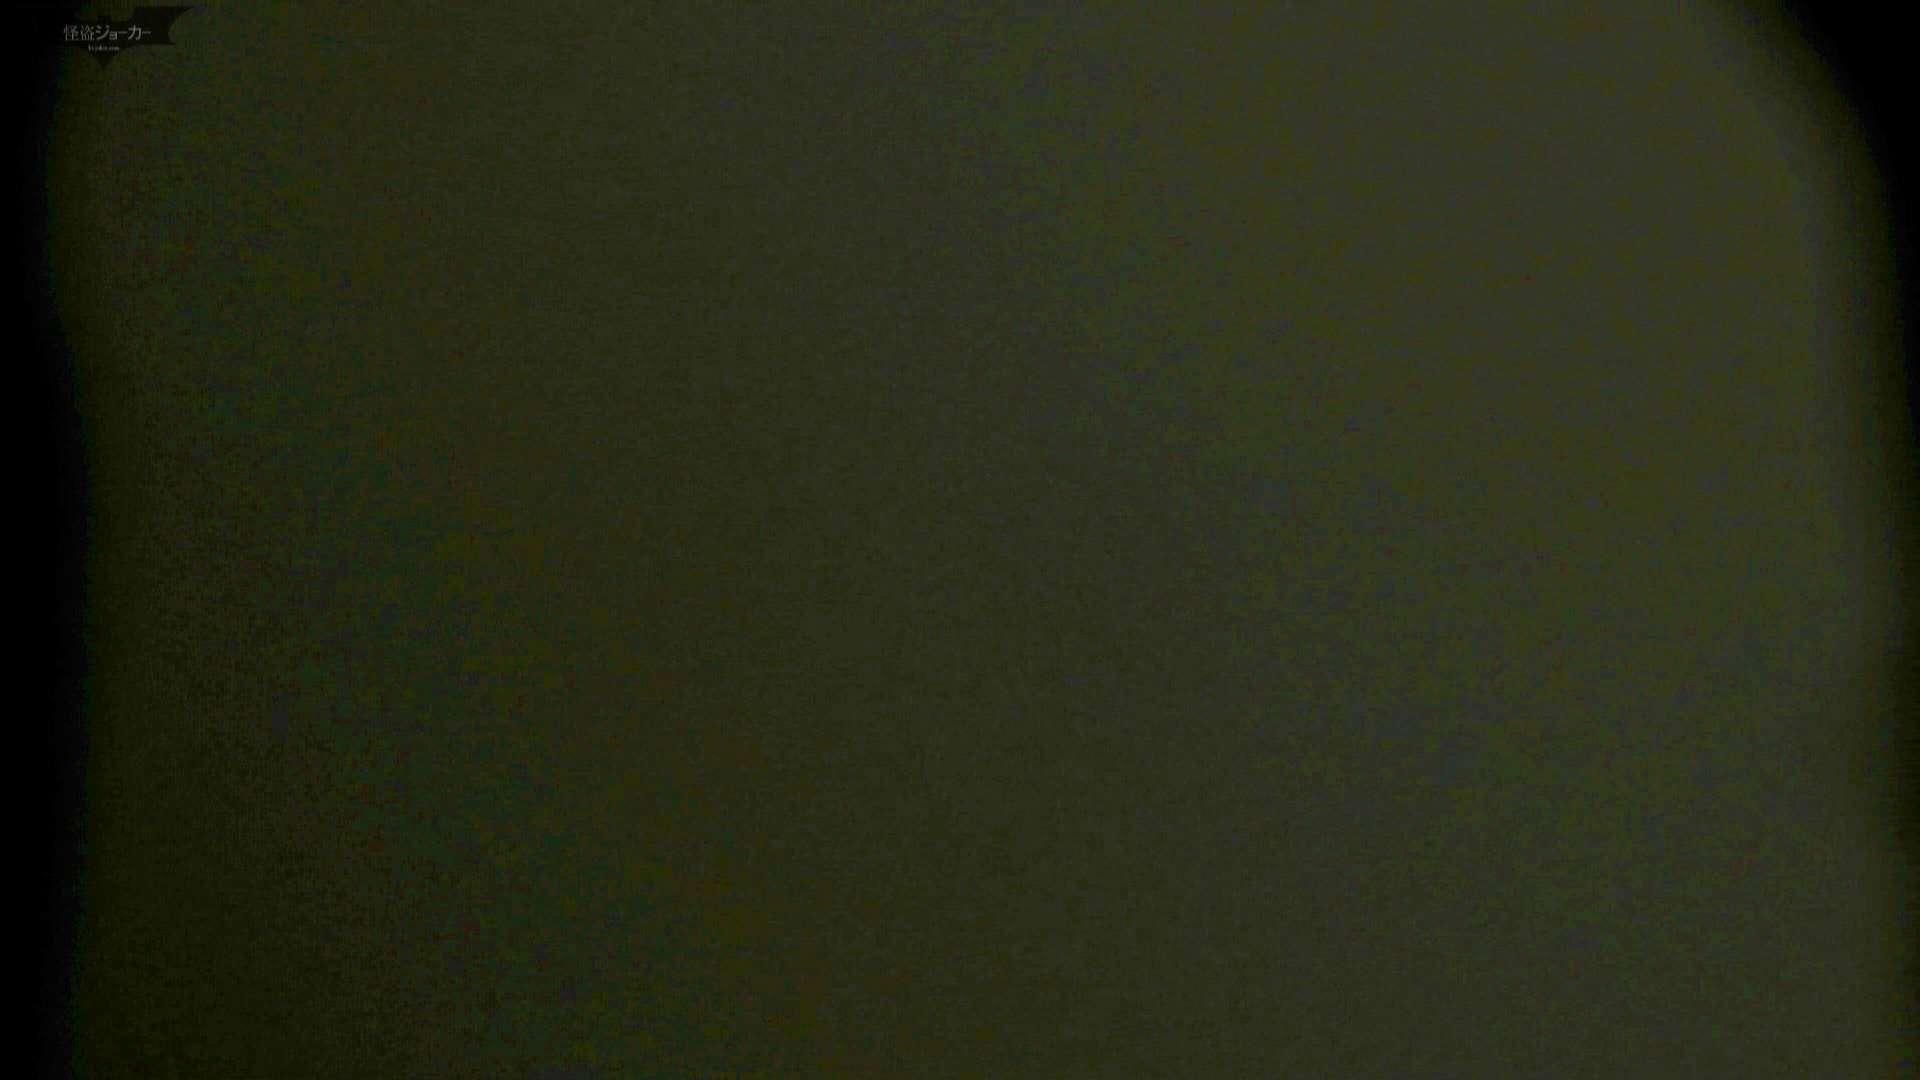 洗面所特攻隊 vol.71「vol.66 最後の女性」が【2015・27位】 高画質 セックス画像 113画像 5